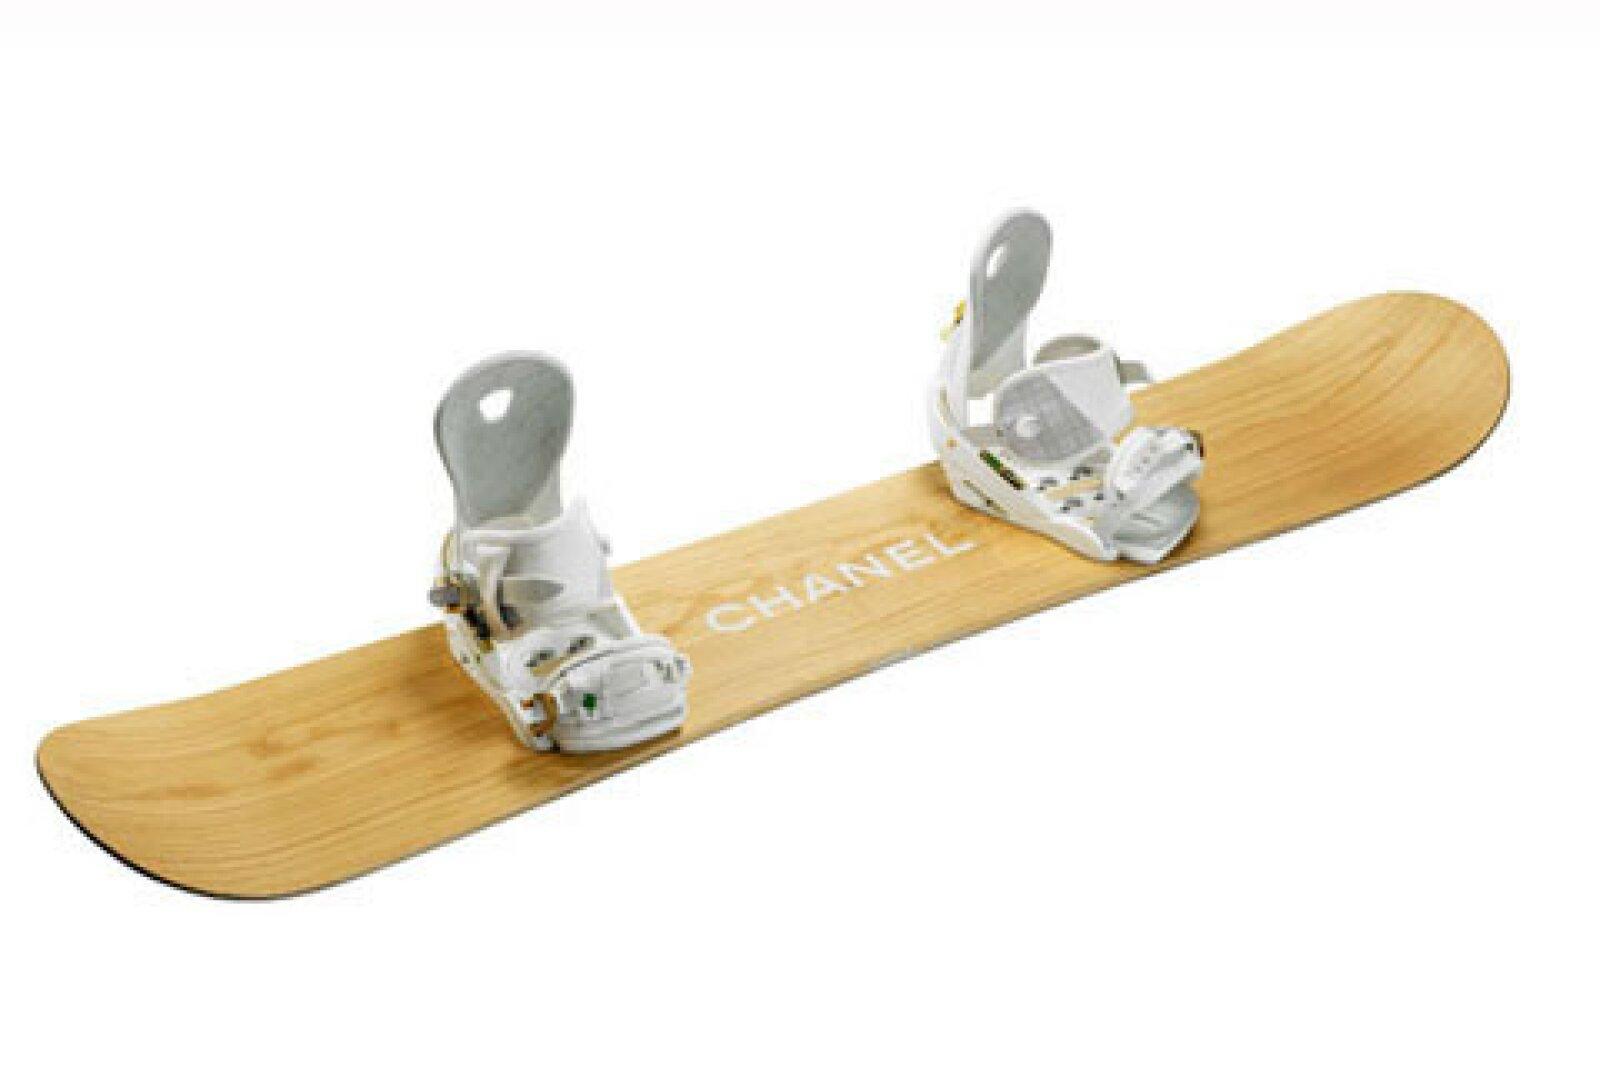 Tabla de snowboard.